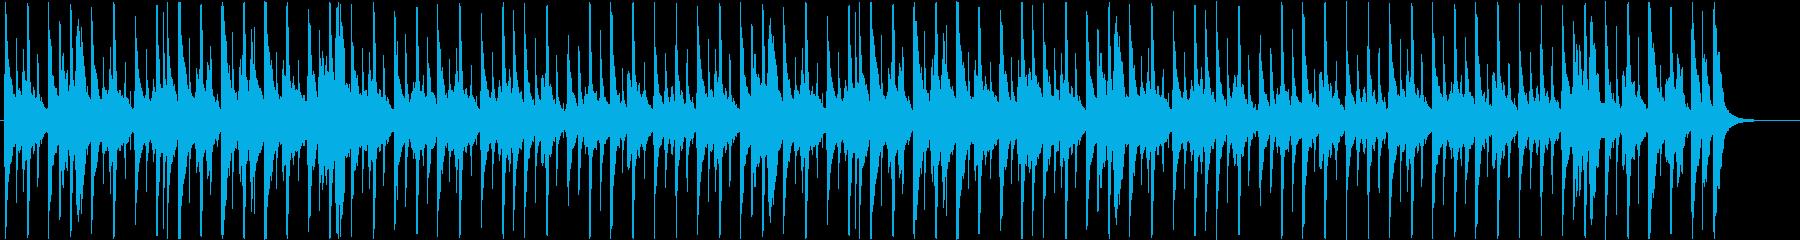 ウクレレ 口笛 グロッケン 可愛いの再生済みの波形